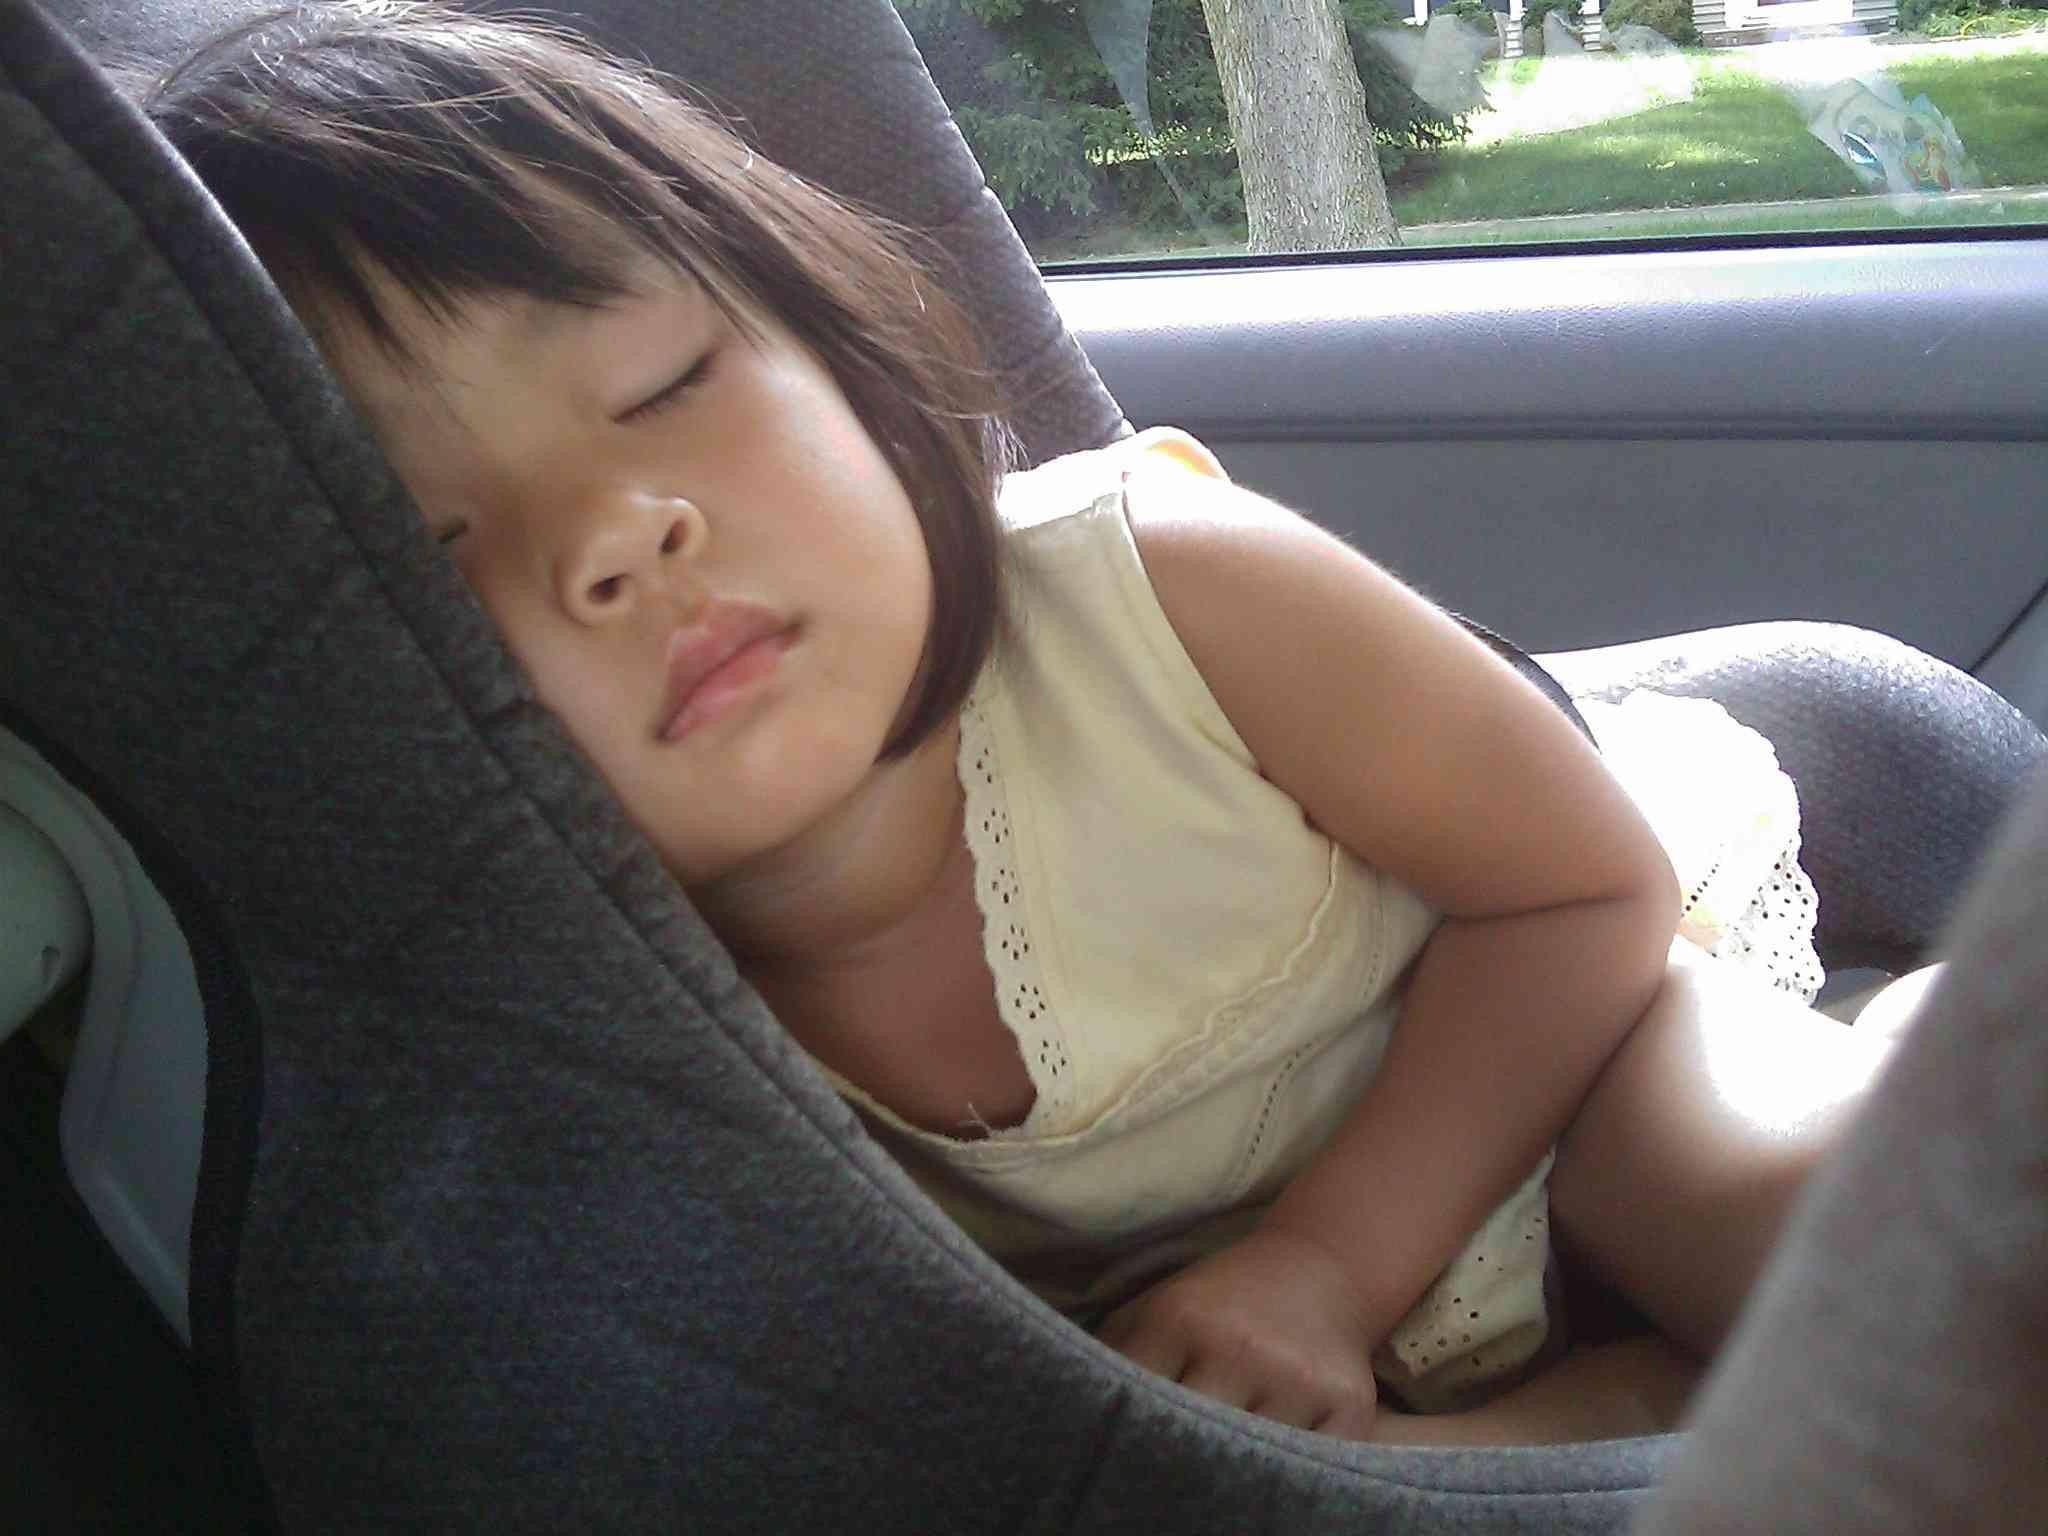 Más de la mitad de los padres, ponen en riesgo a sus hijos en el coche 3